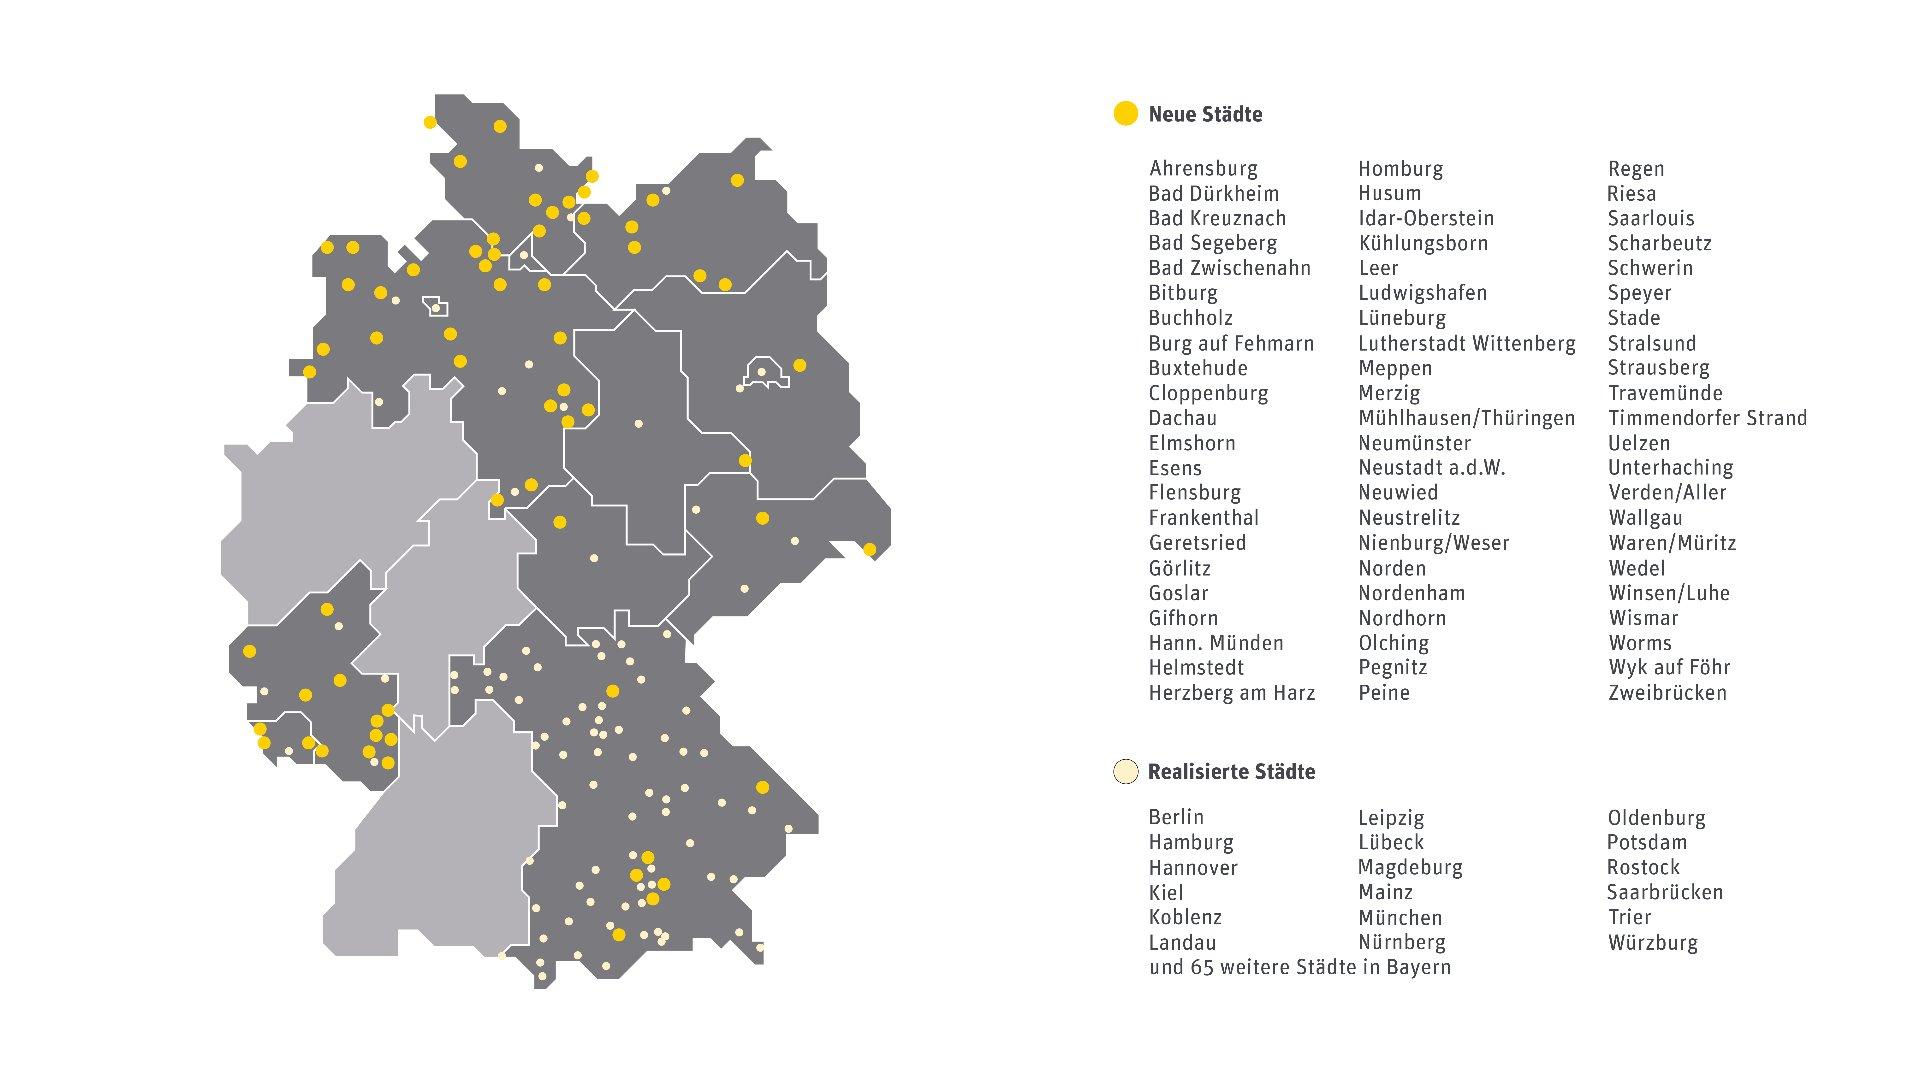 WLAN Städte Kabel Deutschland (Mai 2014) | Grafik via Schwartz PR